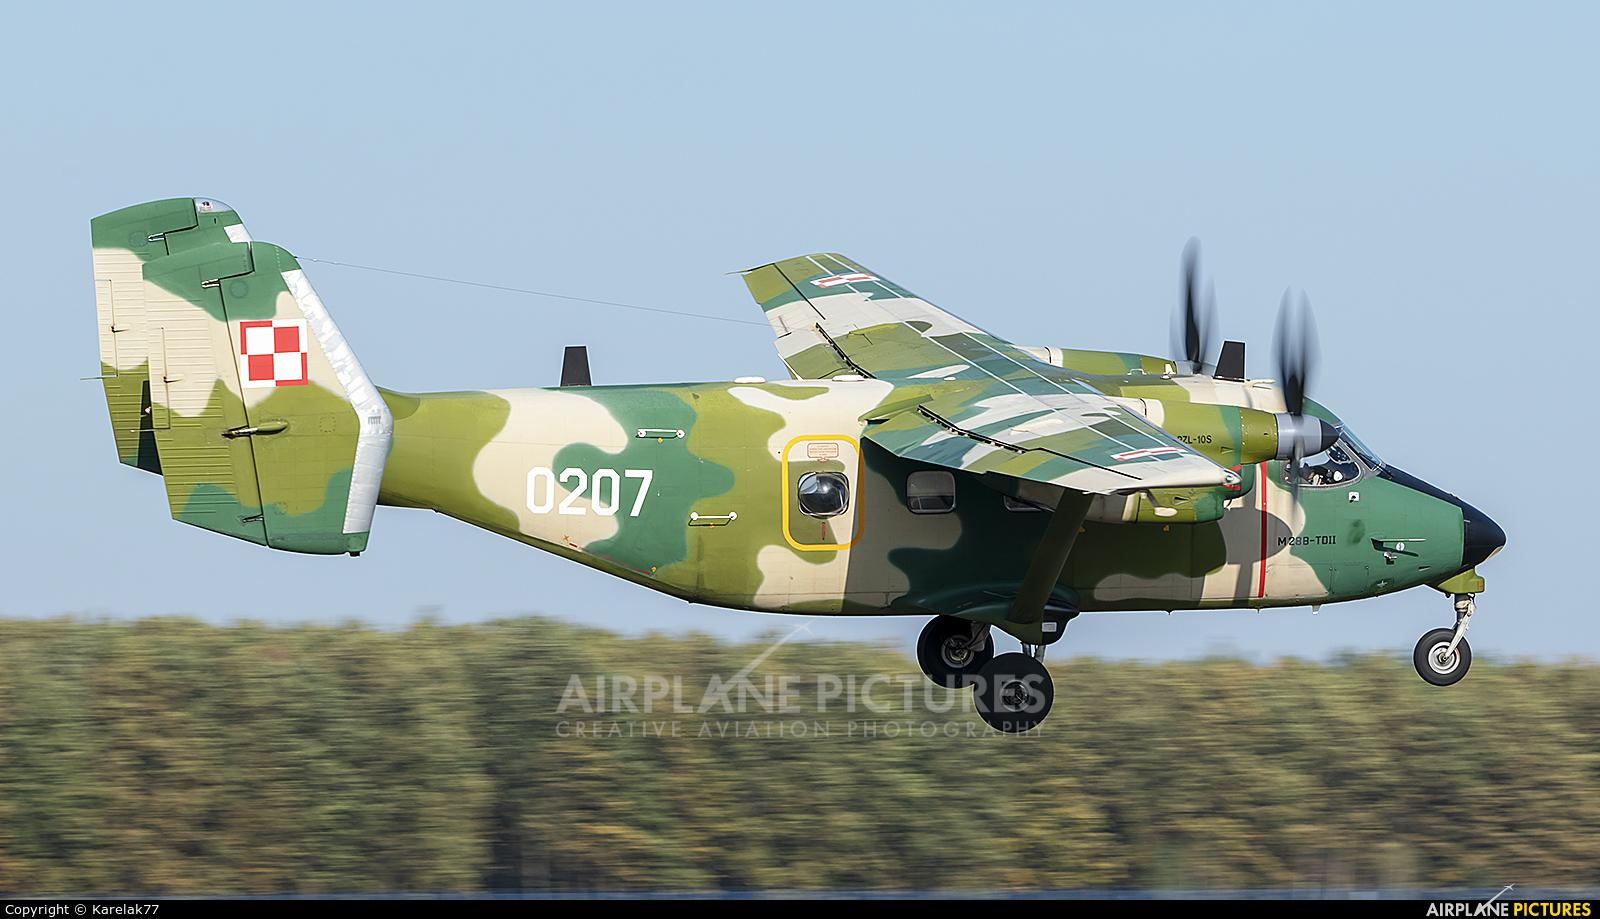 Poland - Army 0207 aircraft at Dęblin